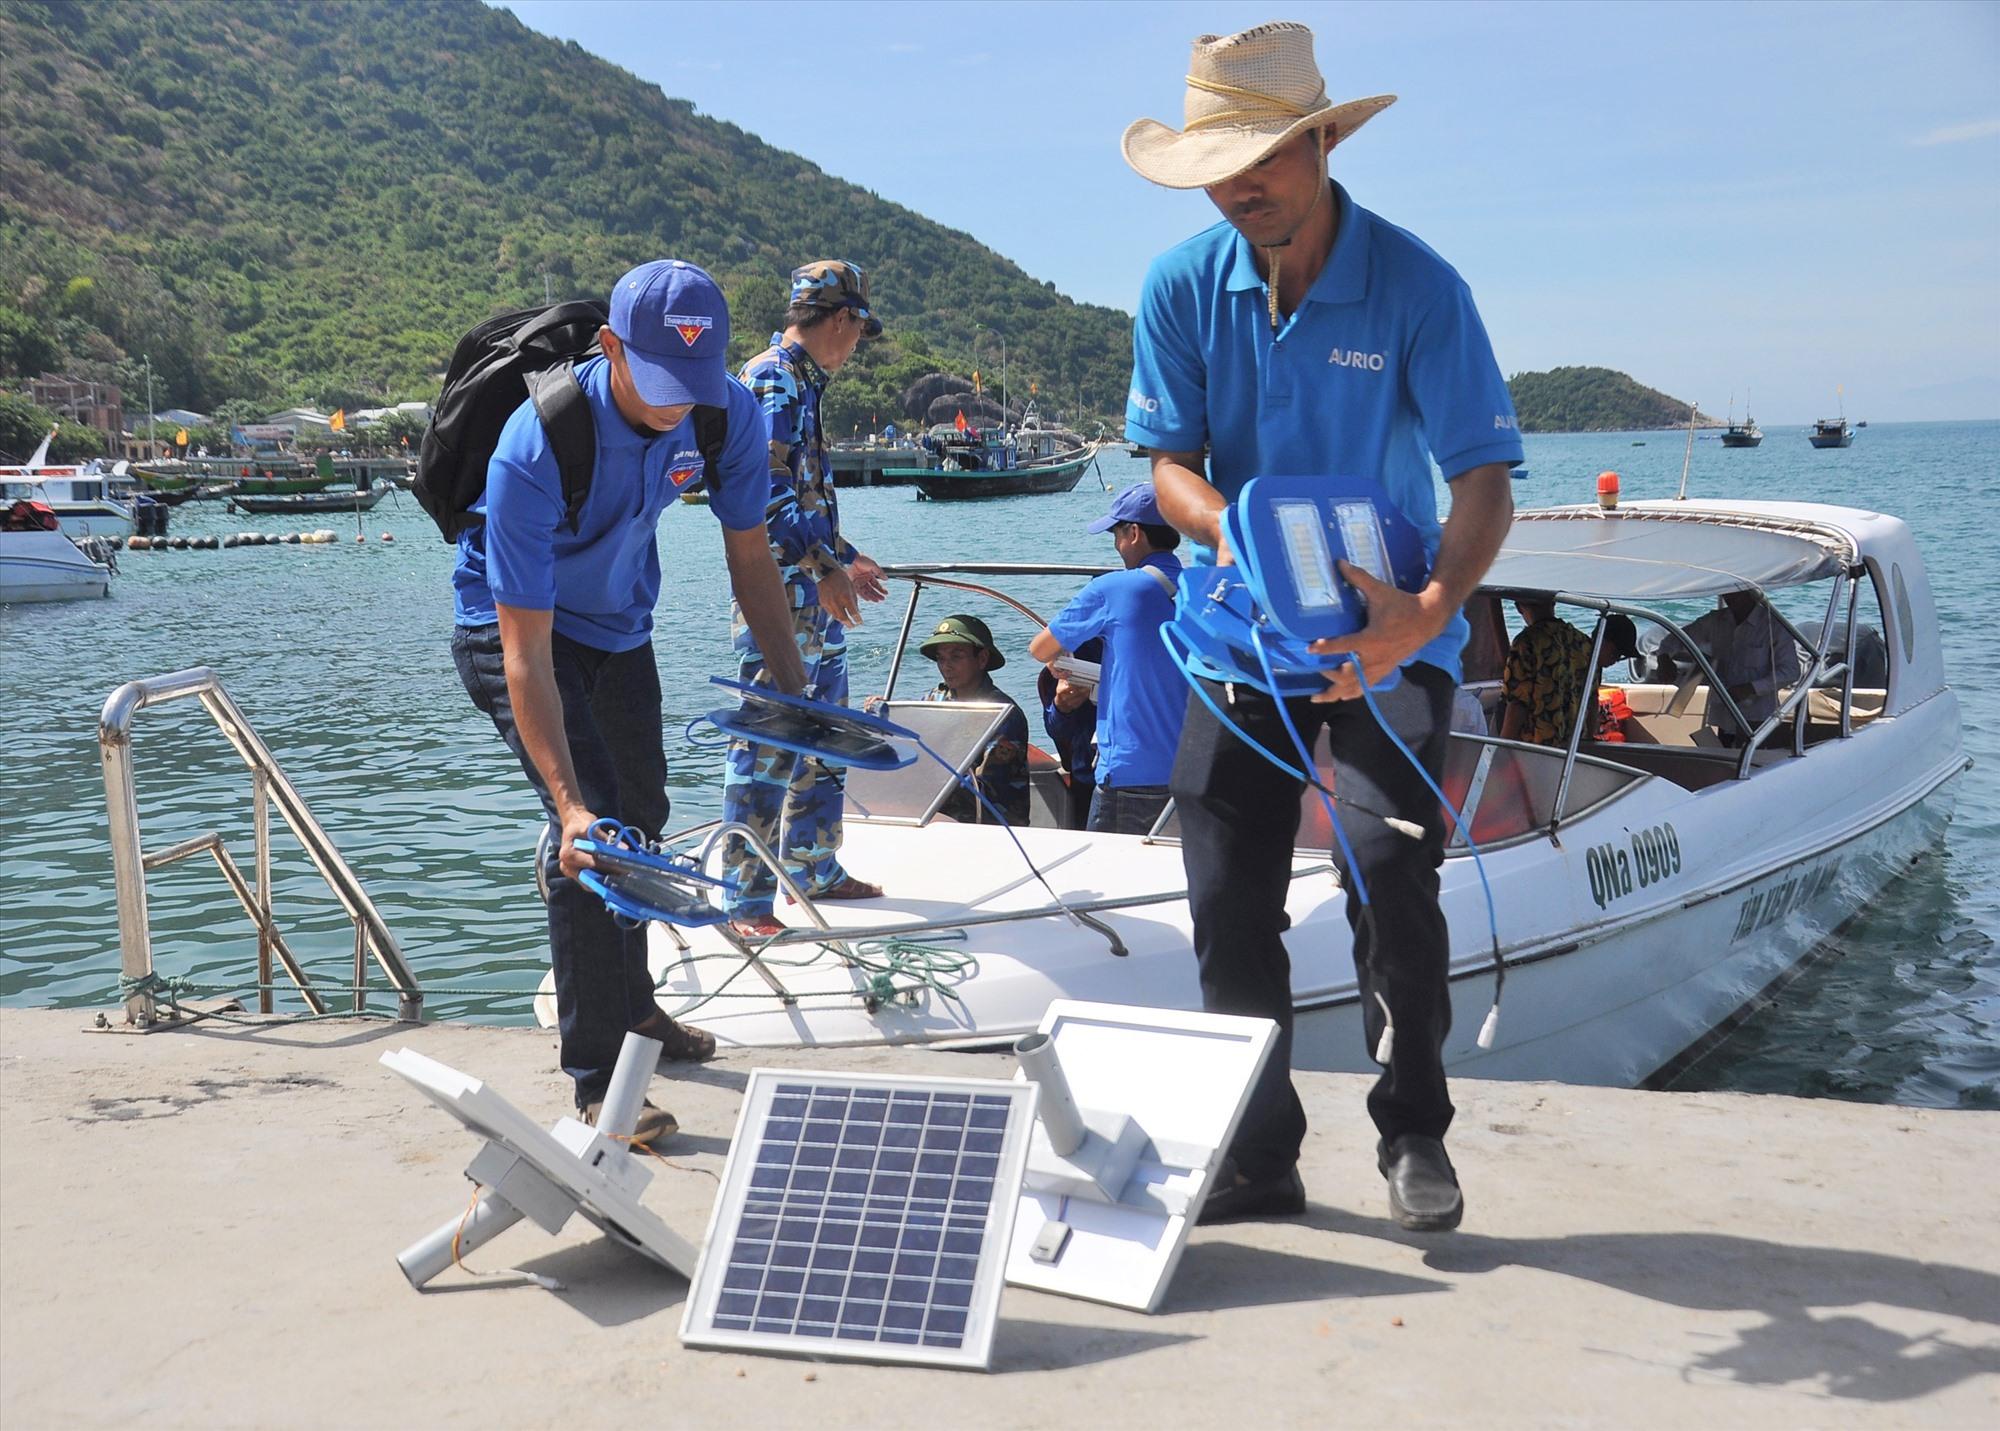 Anh Phạm Phú Hiển (phải) lắp đặt đèn năng lượng mặt trời tại đảo Cù Lao Chàm (xã Tân Hiệp, TP.Hội An). Ảnh: VINH ANH